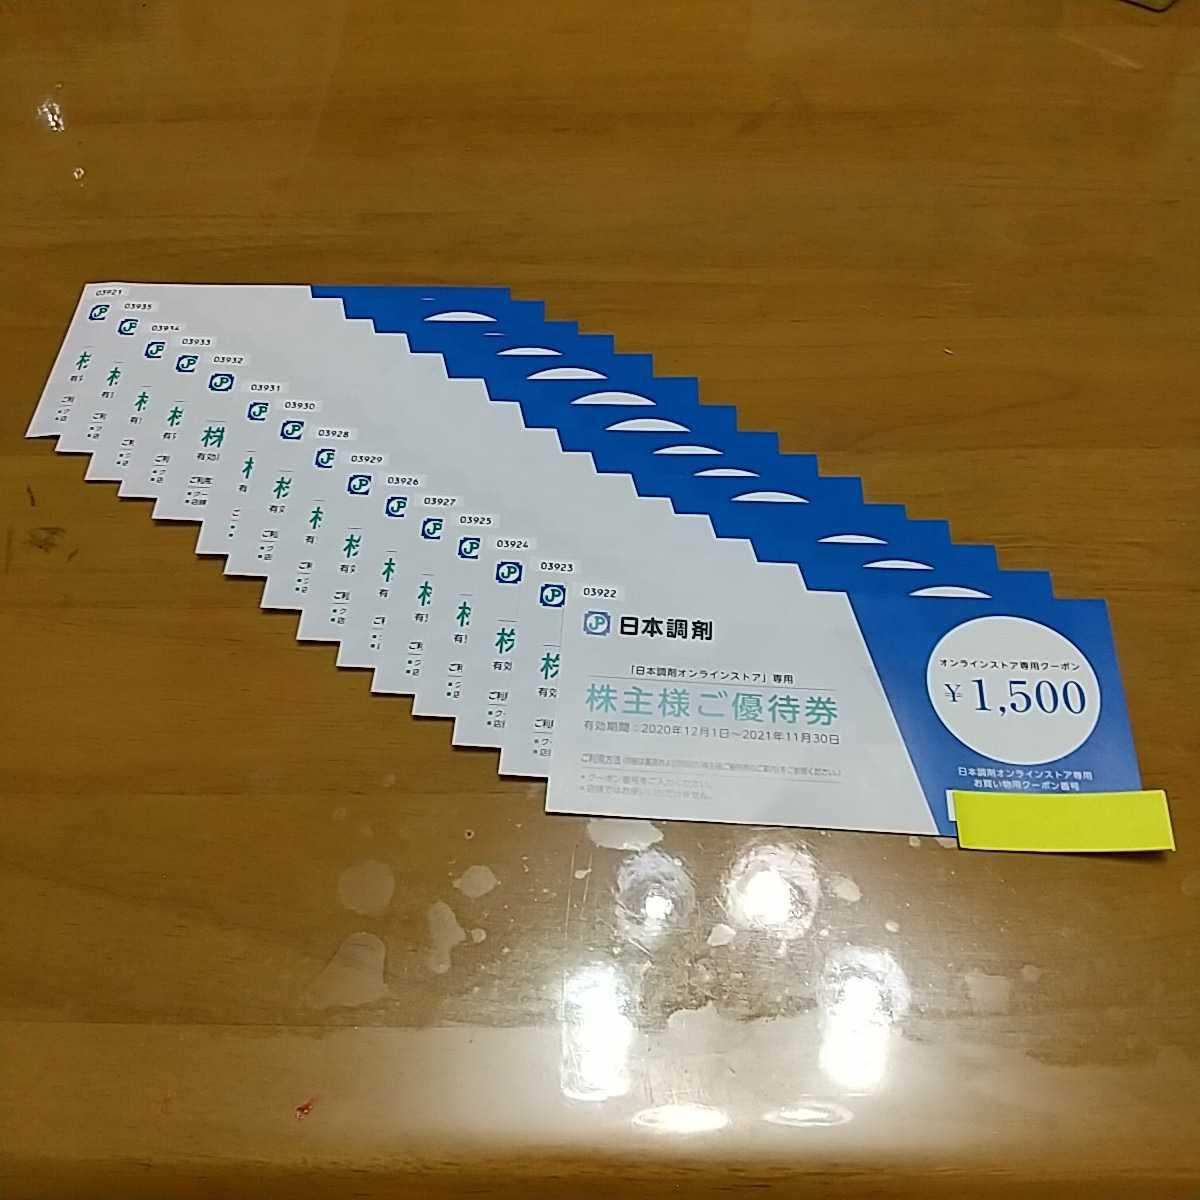 最新 日本調剤 株主優待 オンラインストア専用クーポン 22500円分 有効期限:2021年11月30日 取引ナビコード通知送料無料_画像1